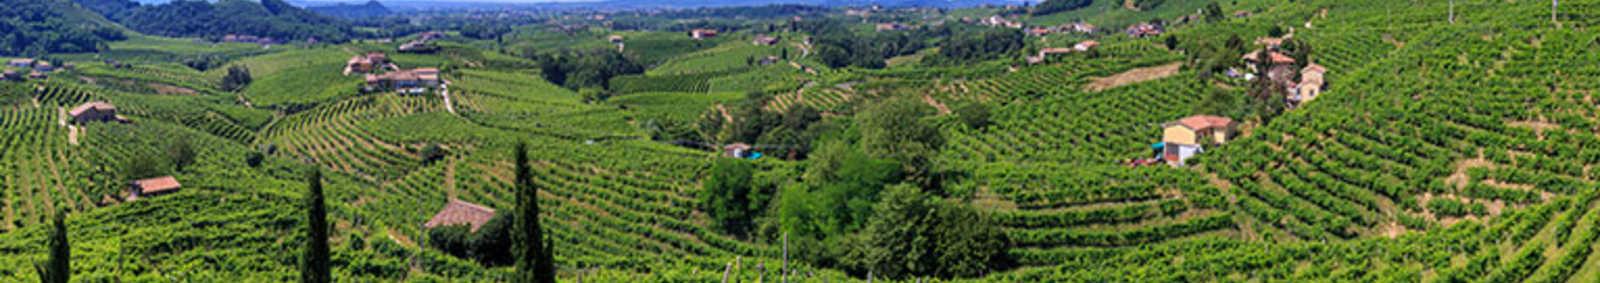 Prosecco Hills